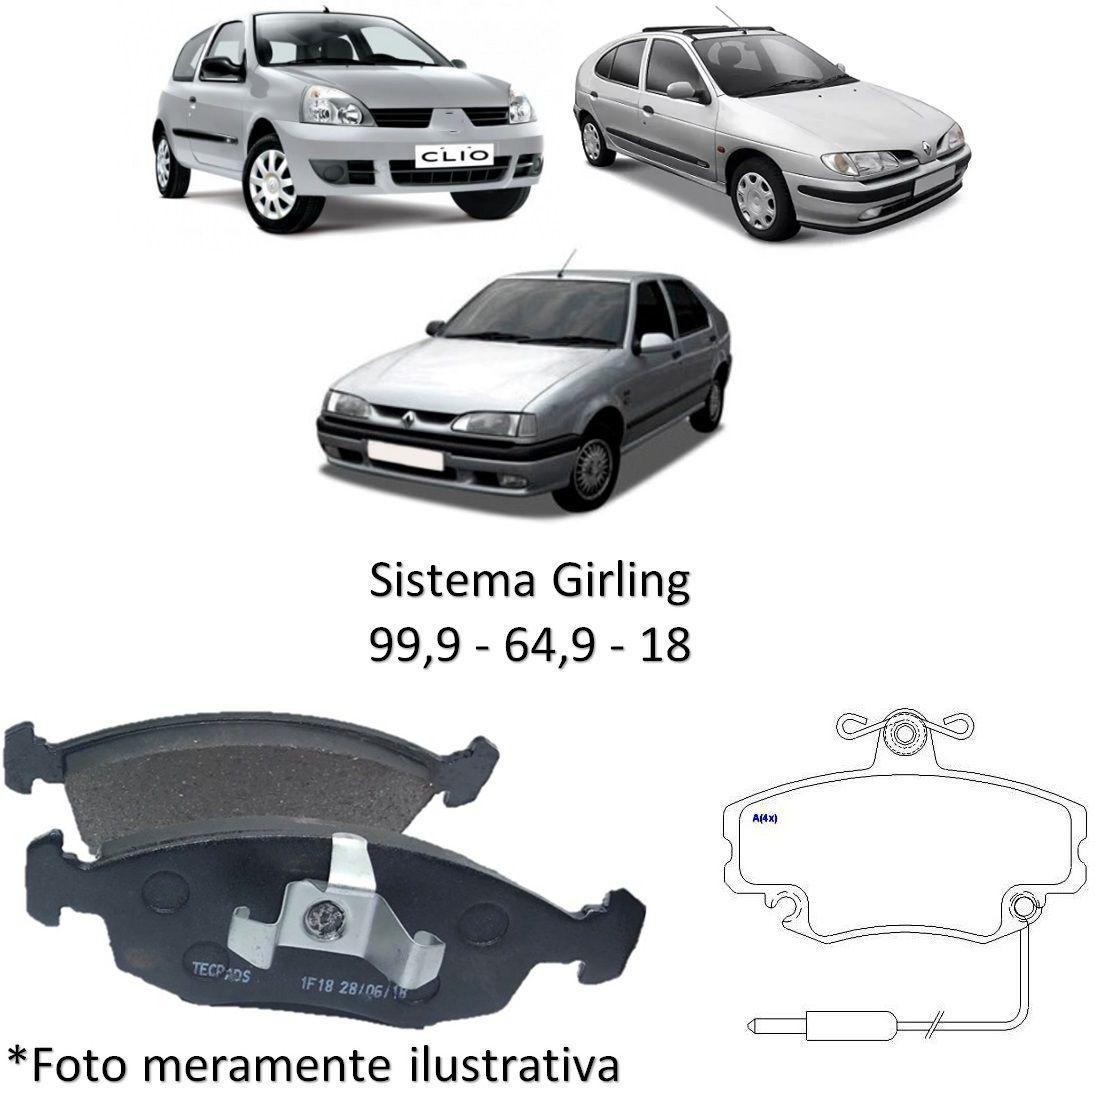 Kit Jogo Pastilha de Freio Dianteira Renault Clio 1996 1997 1998 1999 2000 2001 2002 Megane 1998 1999 2000 2001 2002 200 R19 1993 1994 1995 1996 1997 1998 1999